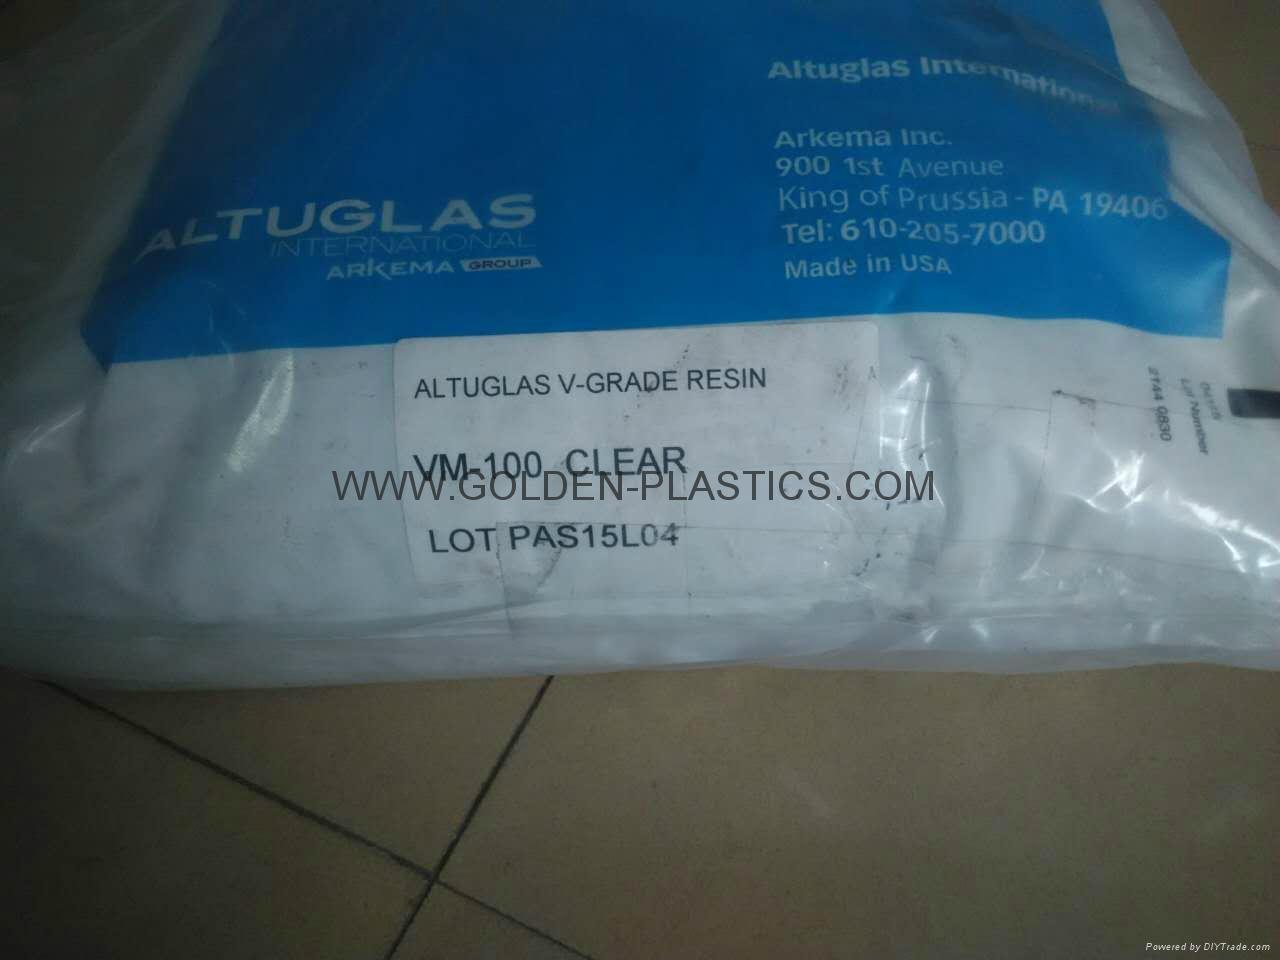 Altuglas V-grade resin VM-100 Clear